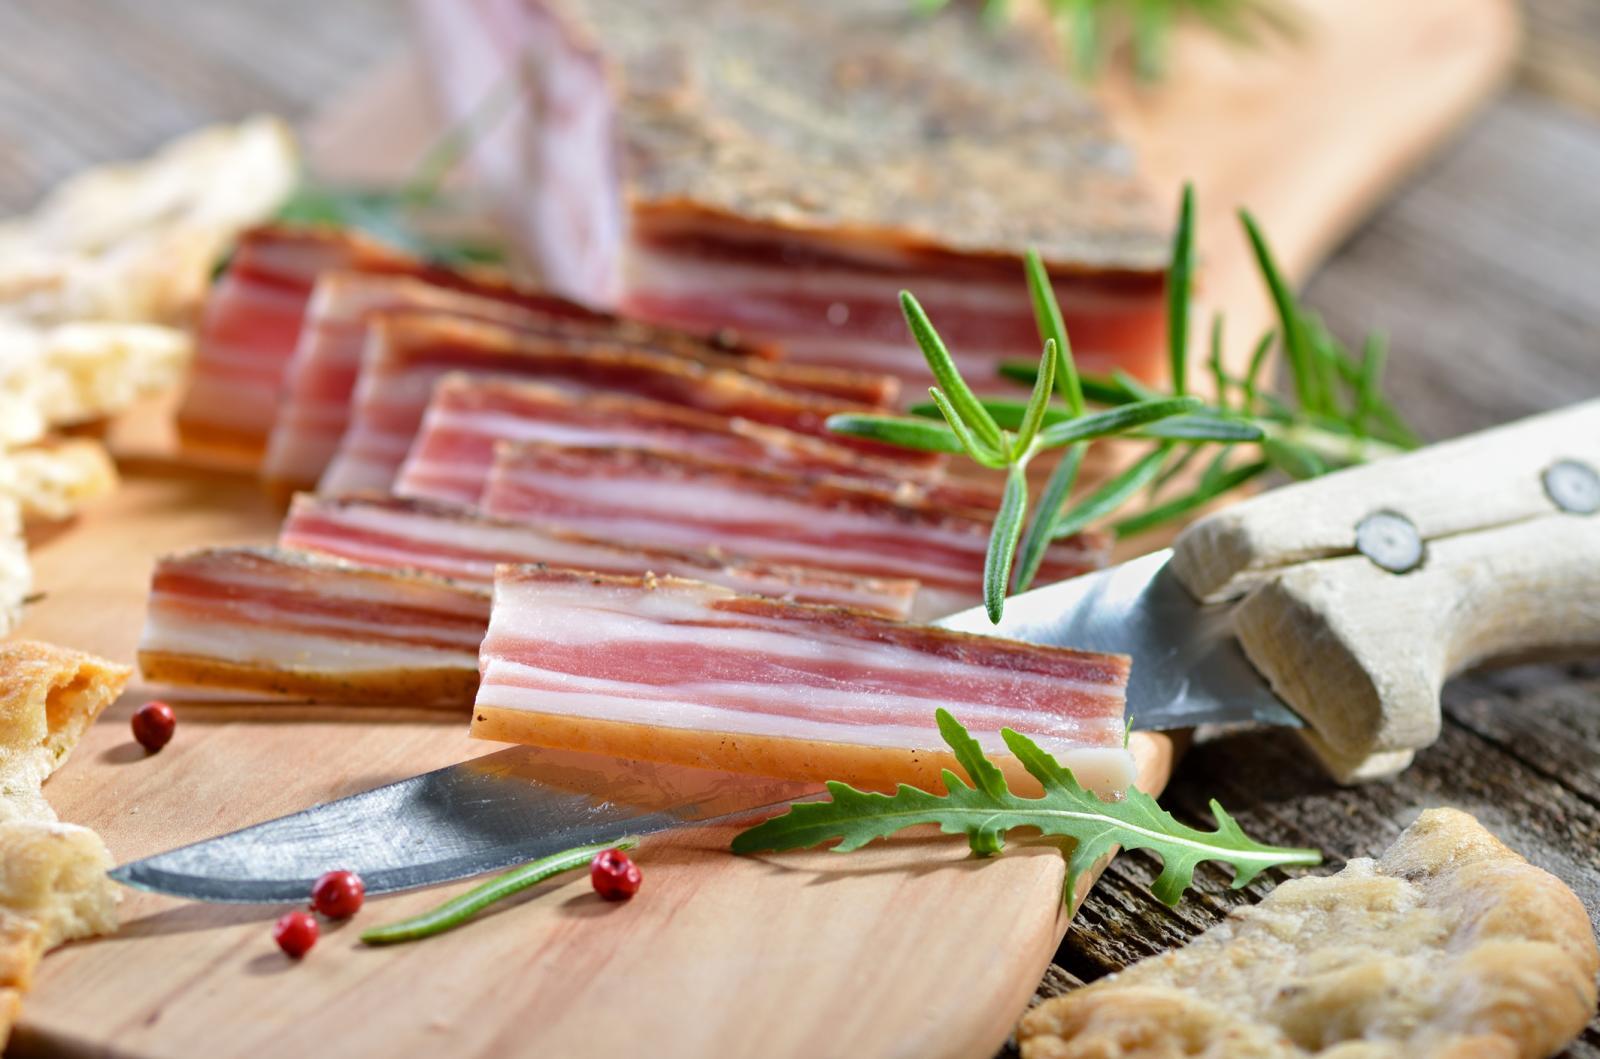 Koliko god je voljeli, sa slaninom treba biti i oprezan. Naime, poznato je da sadrži znatnu količinu zasićenih masti što nije dobro za srce i krvne žile, a ni nitrati te previše natrija nisu nešto što naš organizam treba.